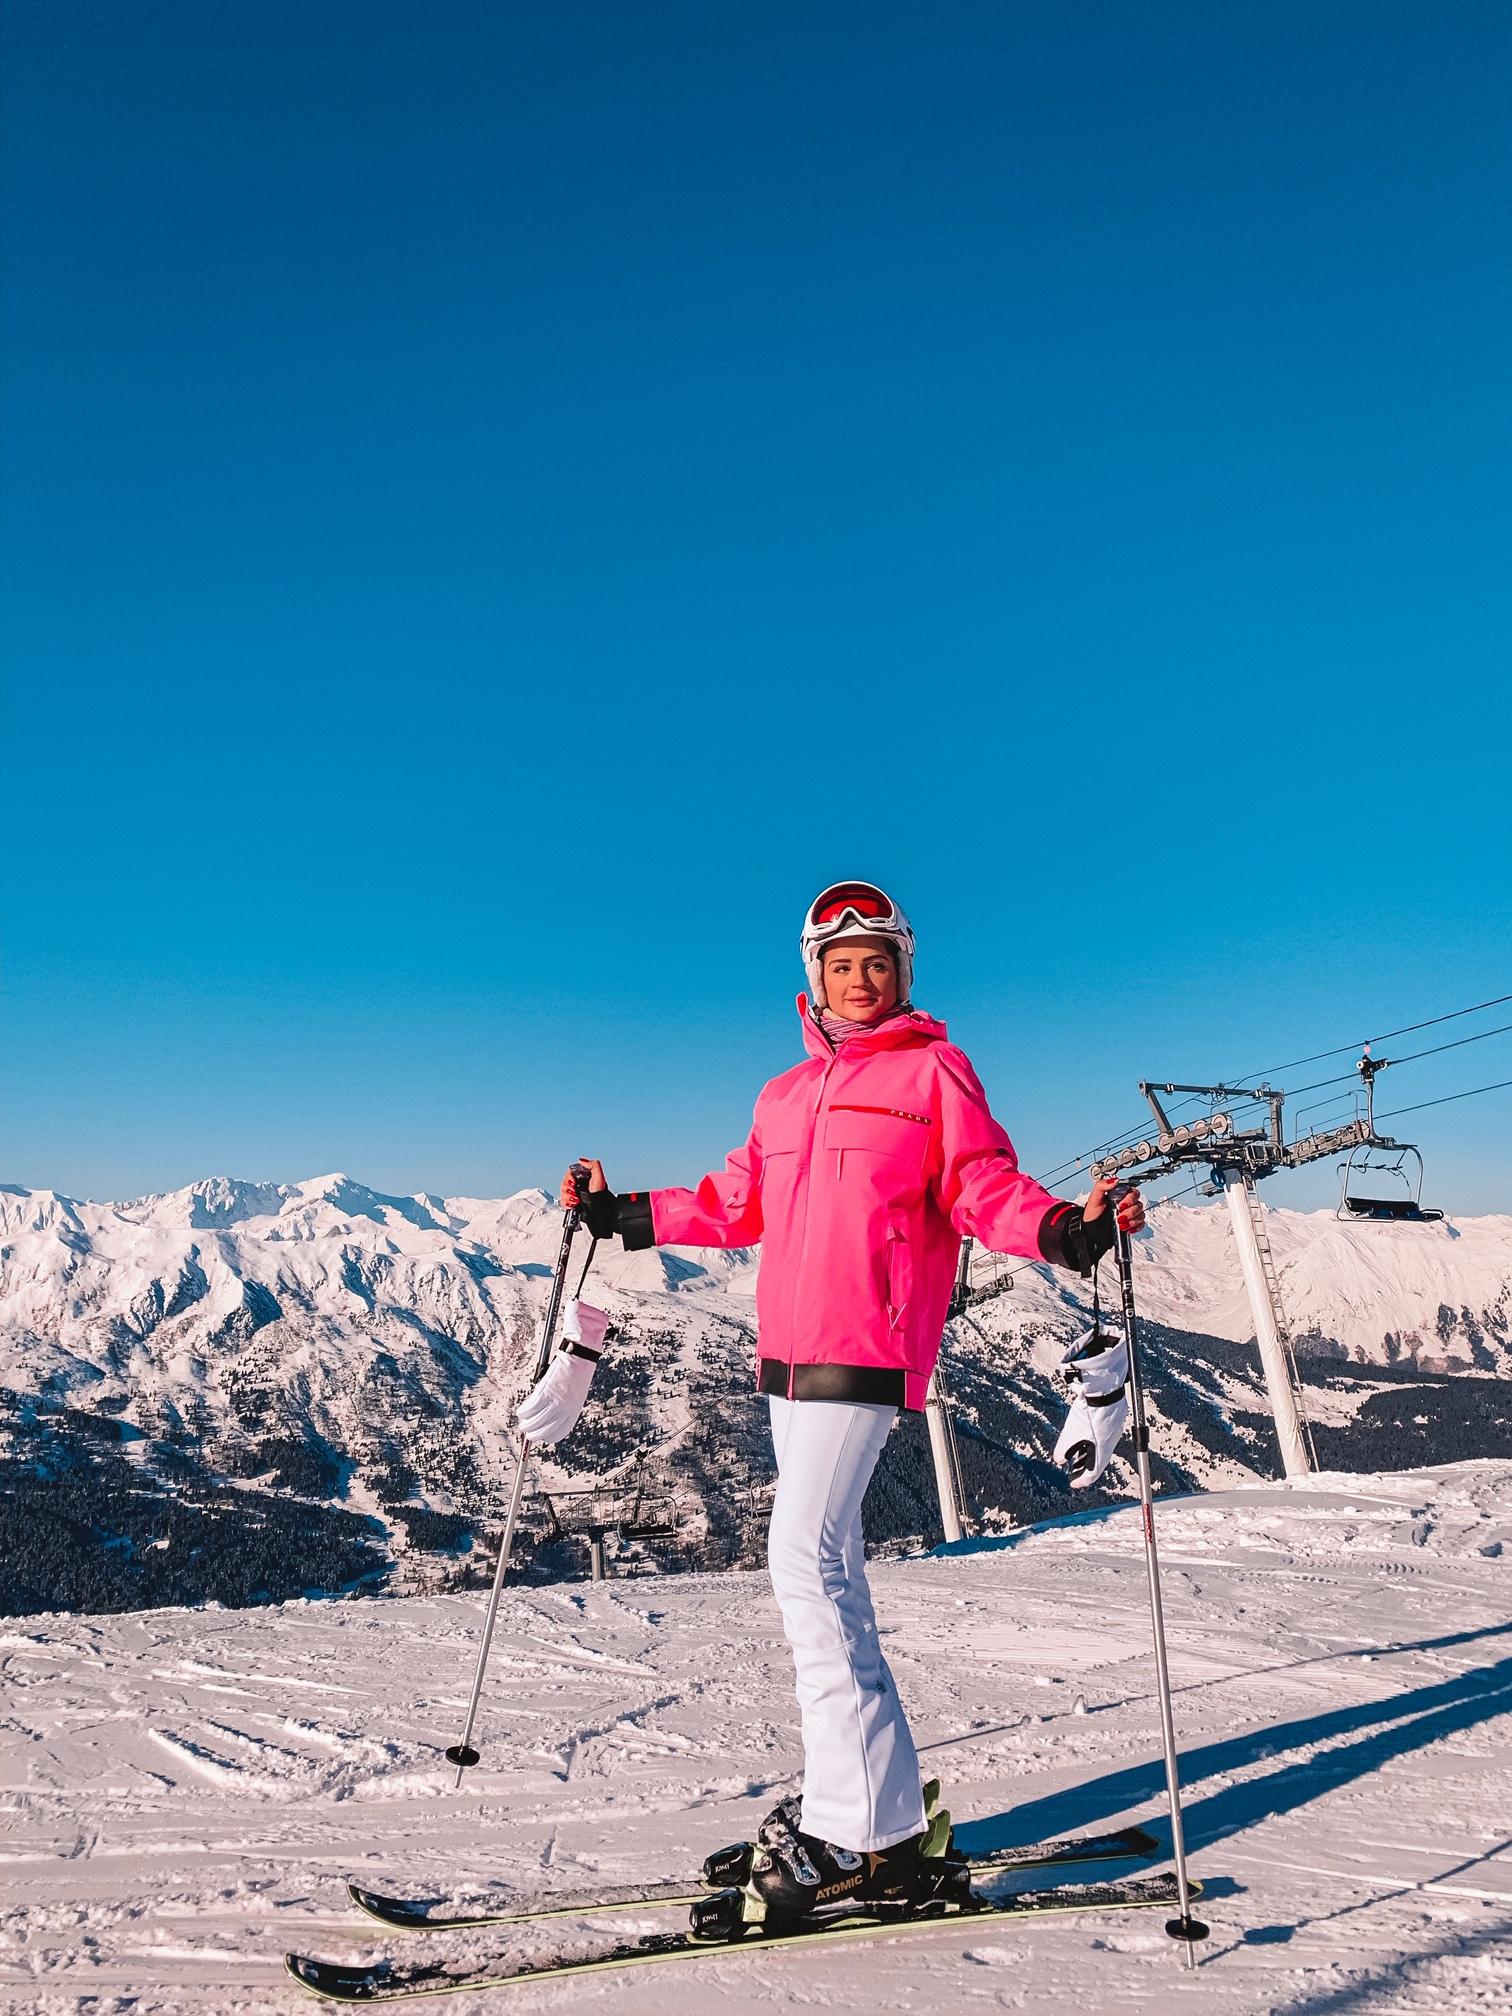 Thássia ski courchevel rosa neon 4